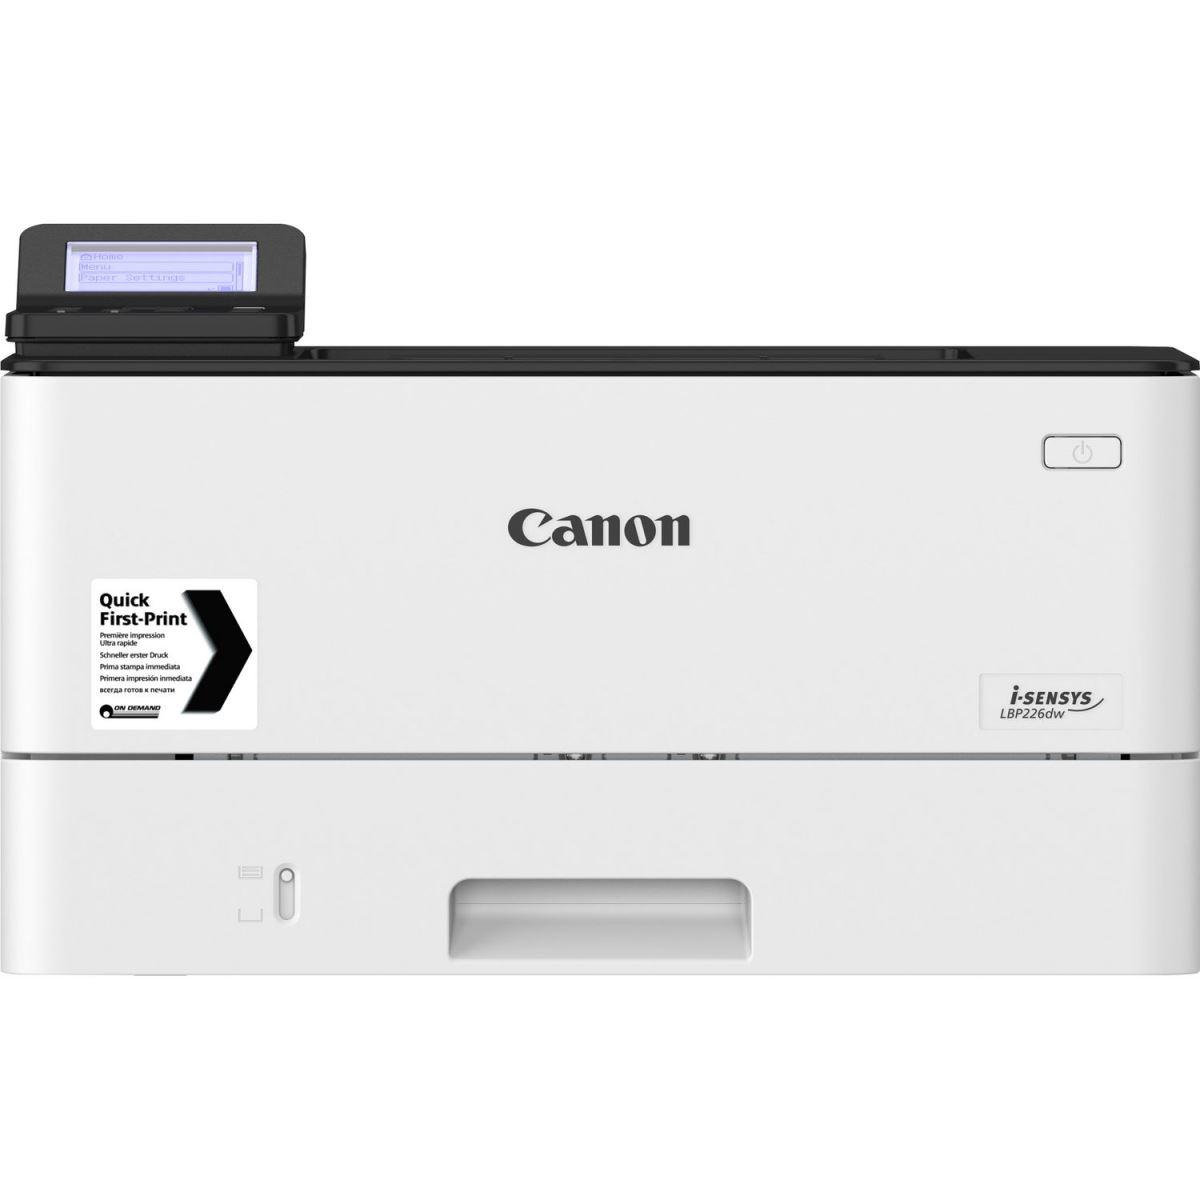 Máy in đen trắng Canon 226DW và những ưu điểm nổi bật khi sử dụng